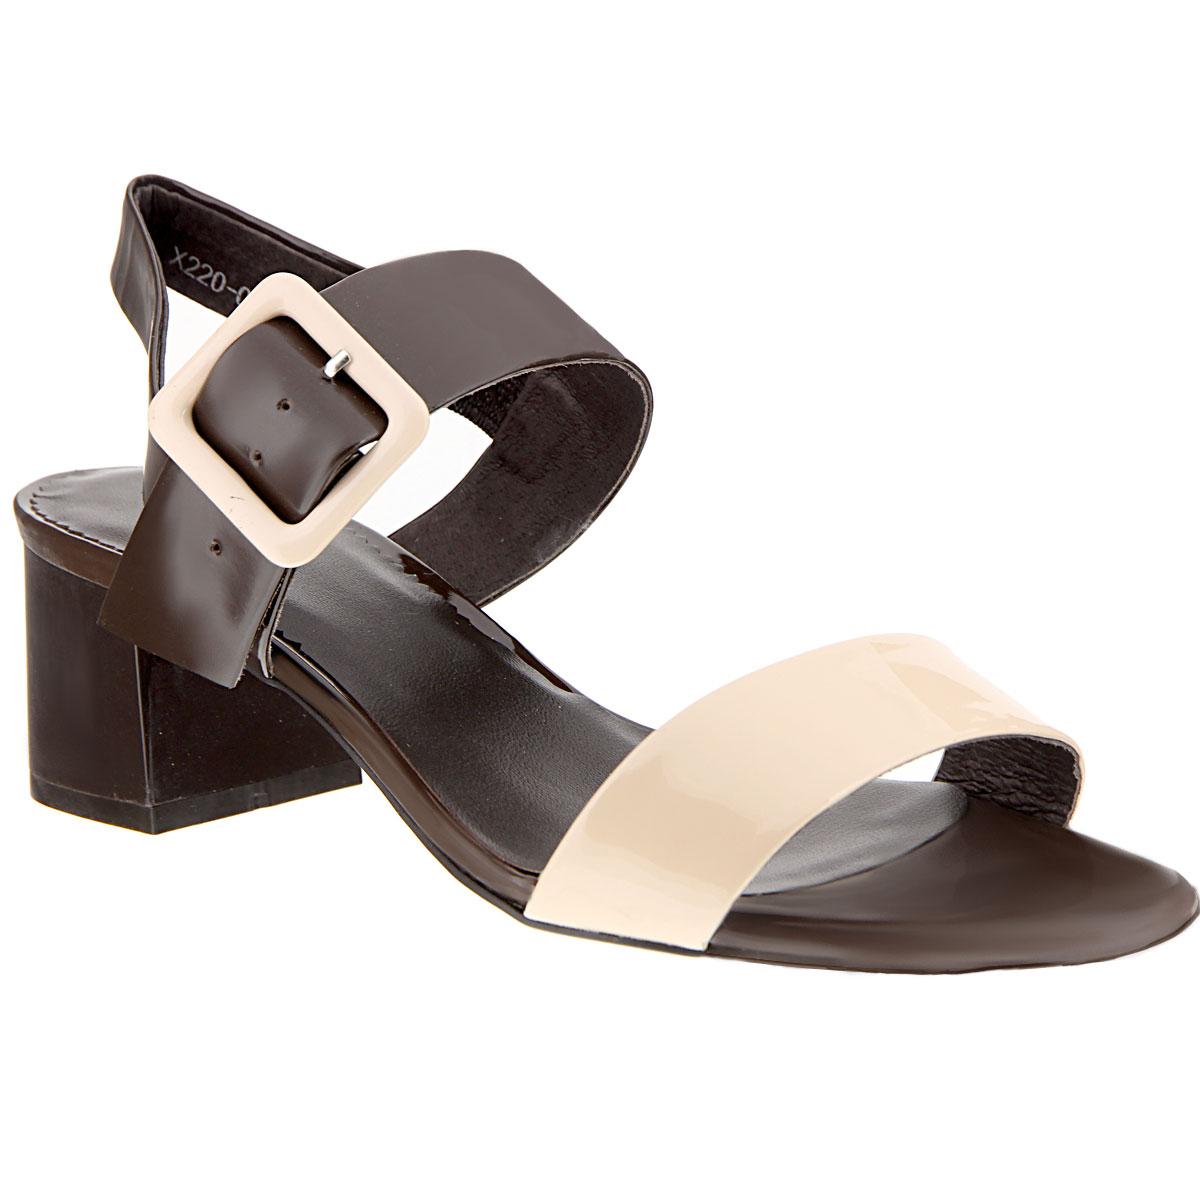 Босоножки женские. X220-07AX220-07AСтильные босоножки на каблуке от Lisette станут прекрасным дополнением летнего гардероба. Верх модели выполнен из натуральной лакированной кожи. Внутренняя часть и стелька также выполнены из натуральной кожи. Босоножки с открытым носком и пяткой надежно фиксирует на ноге ремешок с металлической пряжкой, обтянутой кожей. Устойчивый широкий каблук обеспечит комфорт при ходьбе. Подошва выполнена из прочной резины с нескользящим рифлением. Такие босоножки сделают вас ярче и подчеркнут вашу индивидуальность.